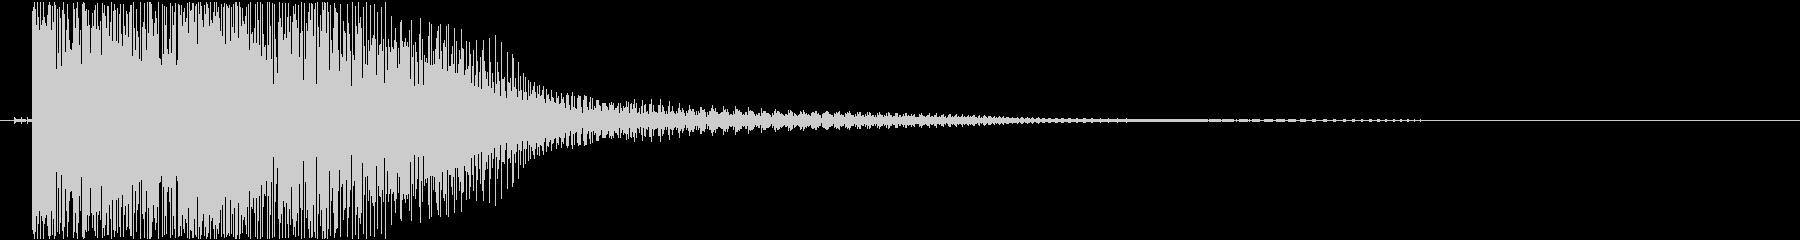 ダメージ音(ポヨン)の未再生の波形